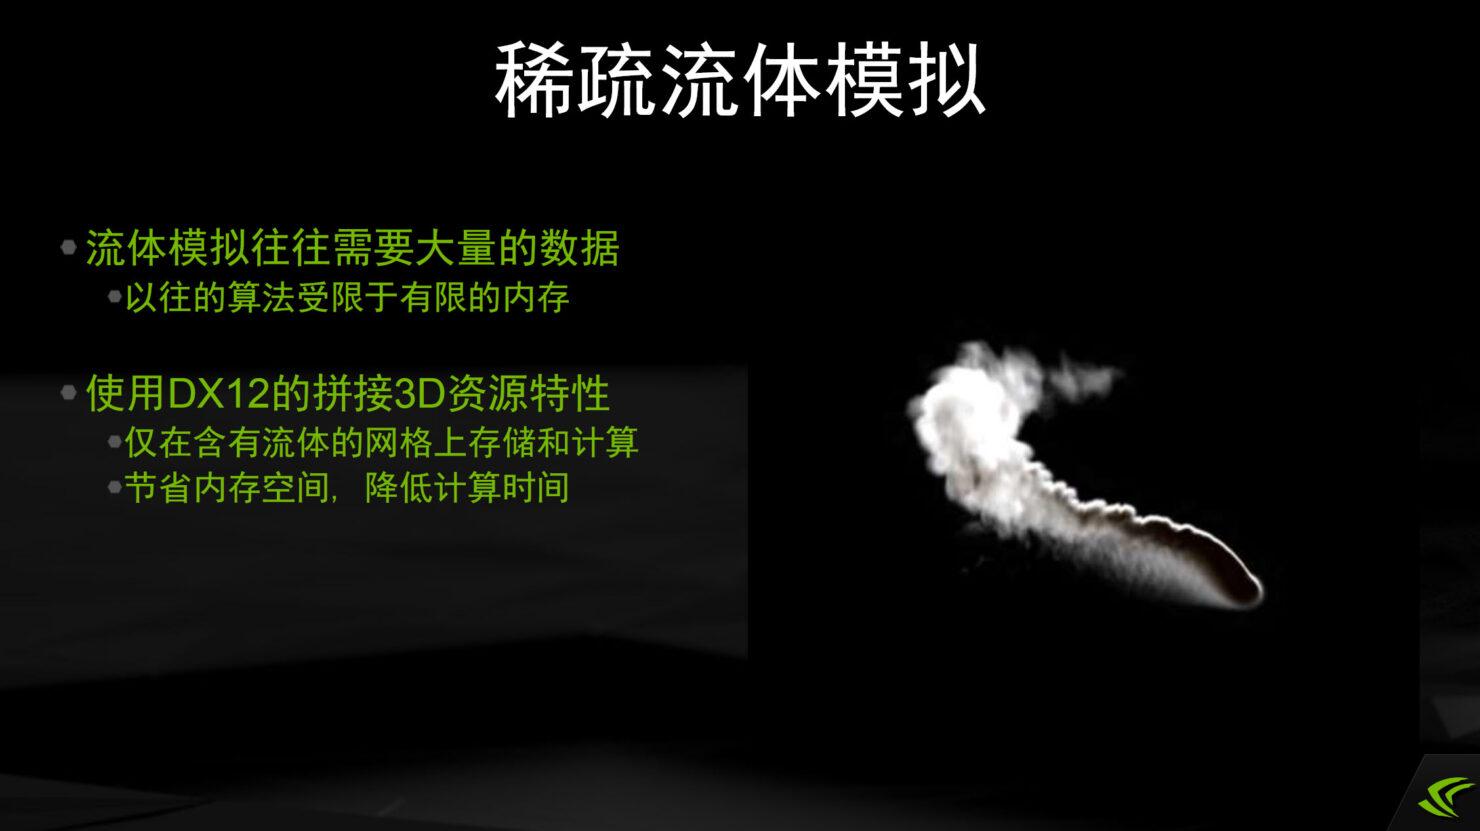 nvidia-directx-12_smoke-2